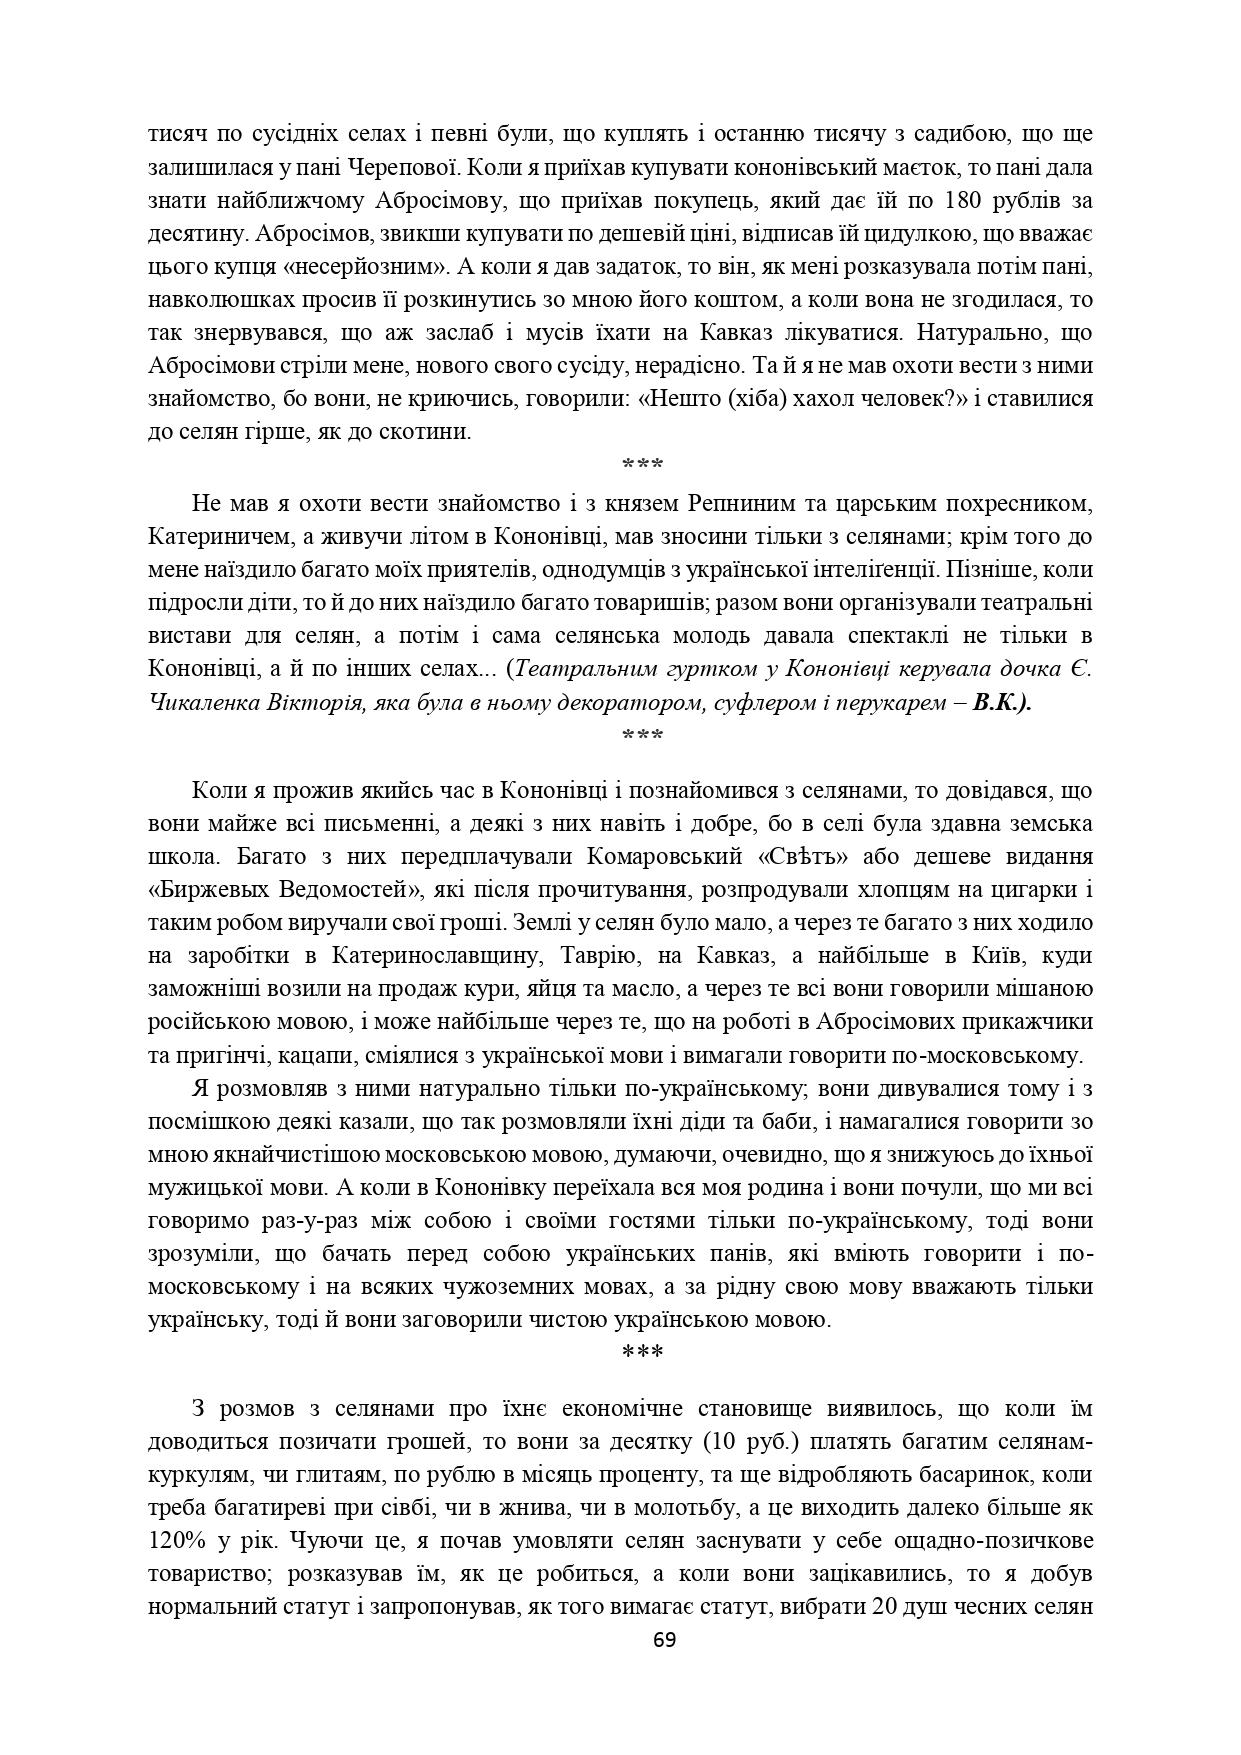 ІСТОРІЯ СЕЛА КОНОНІВКА 2021 (1)_page-0069